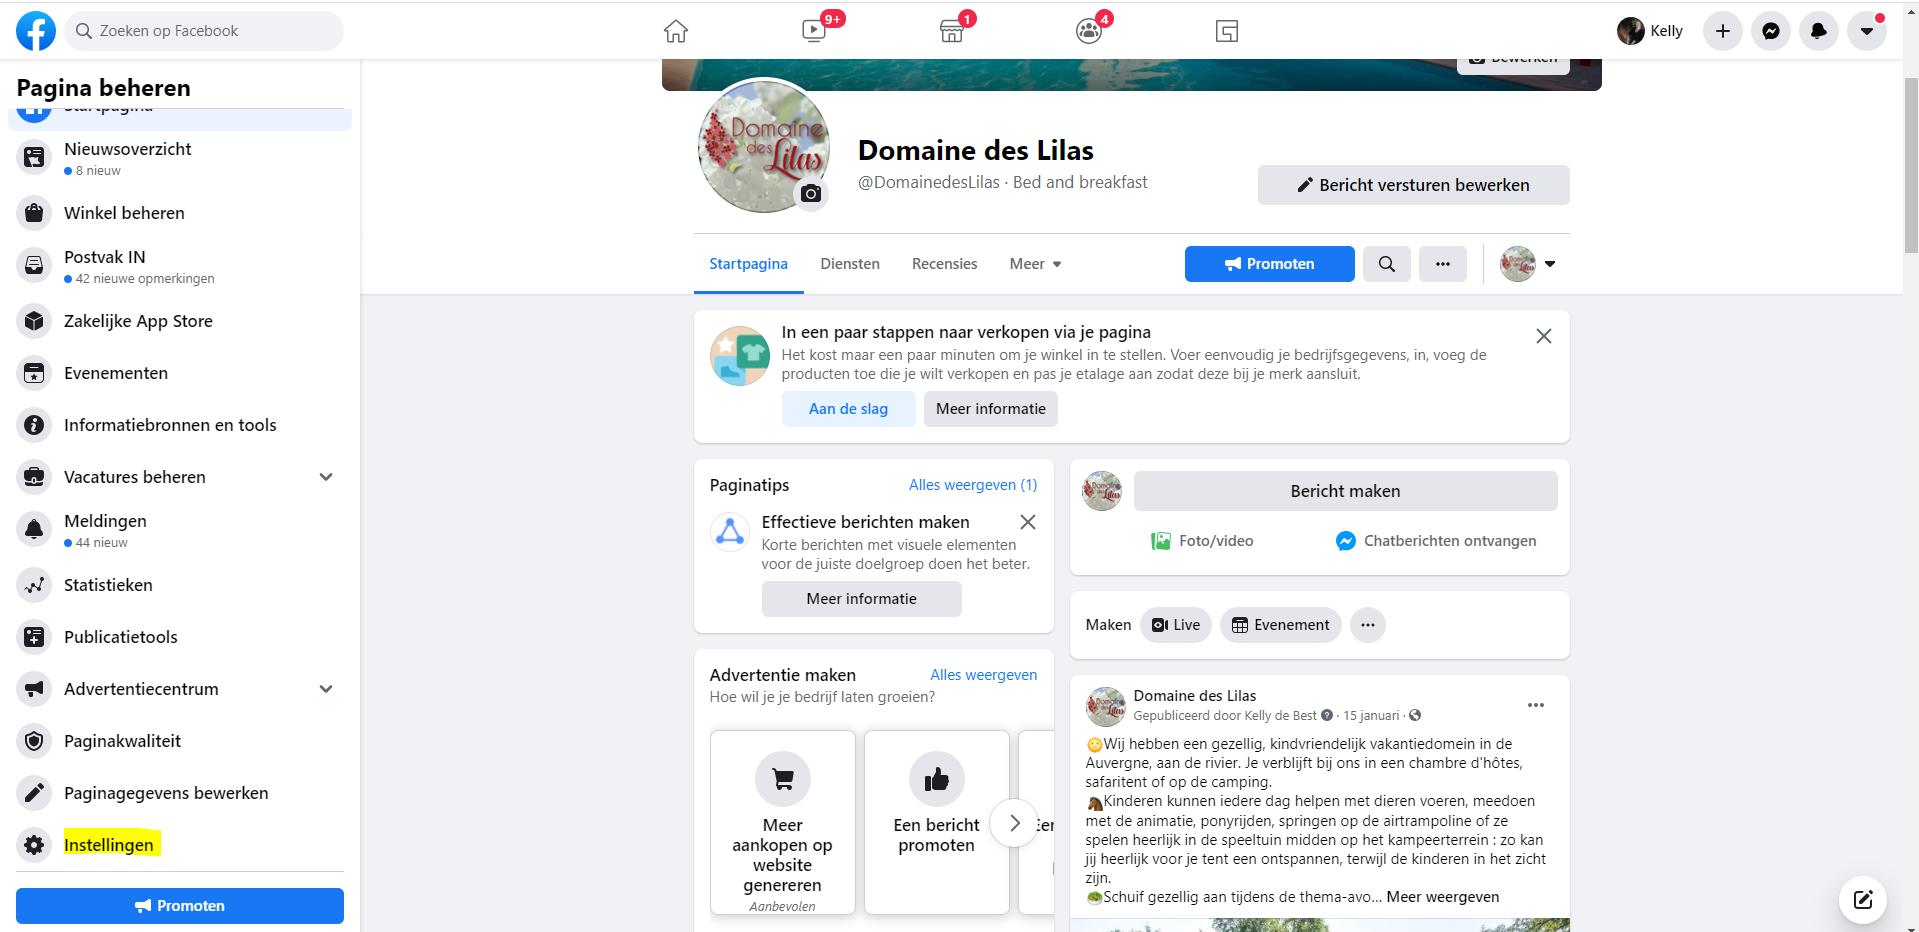 meertalige-facebook bericht maken - stap 1